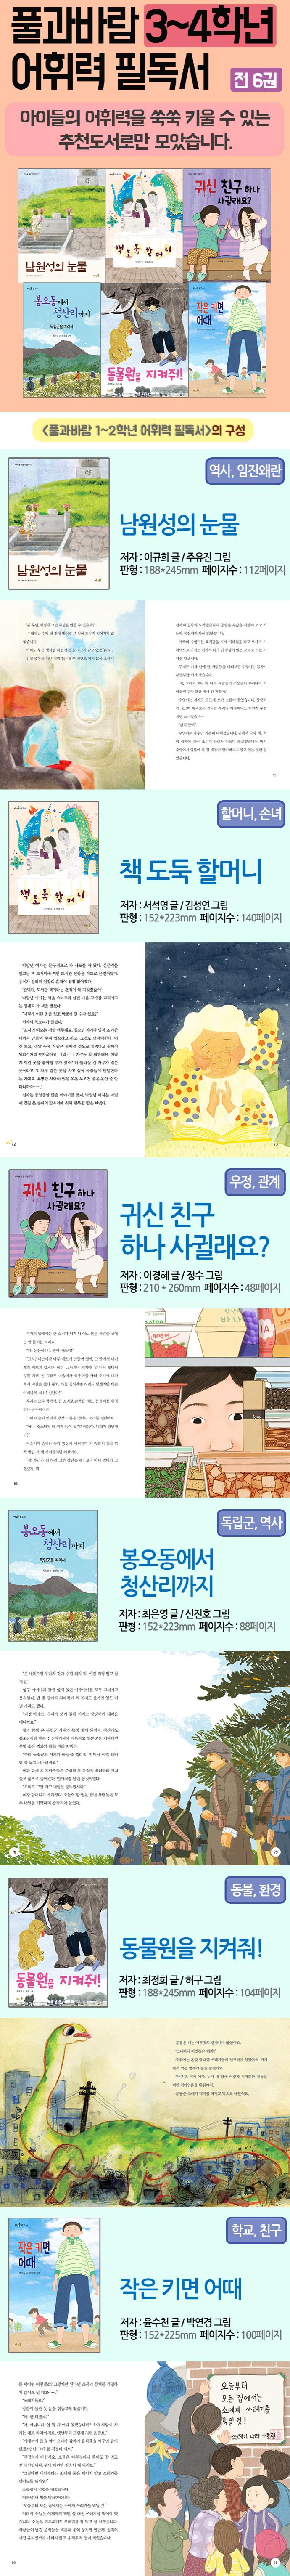 3-4학년 어휘력 필독서 세트(풀과바람)(전6권) 도서 상세이미지